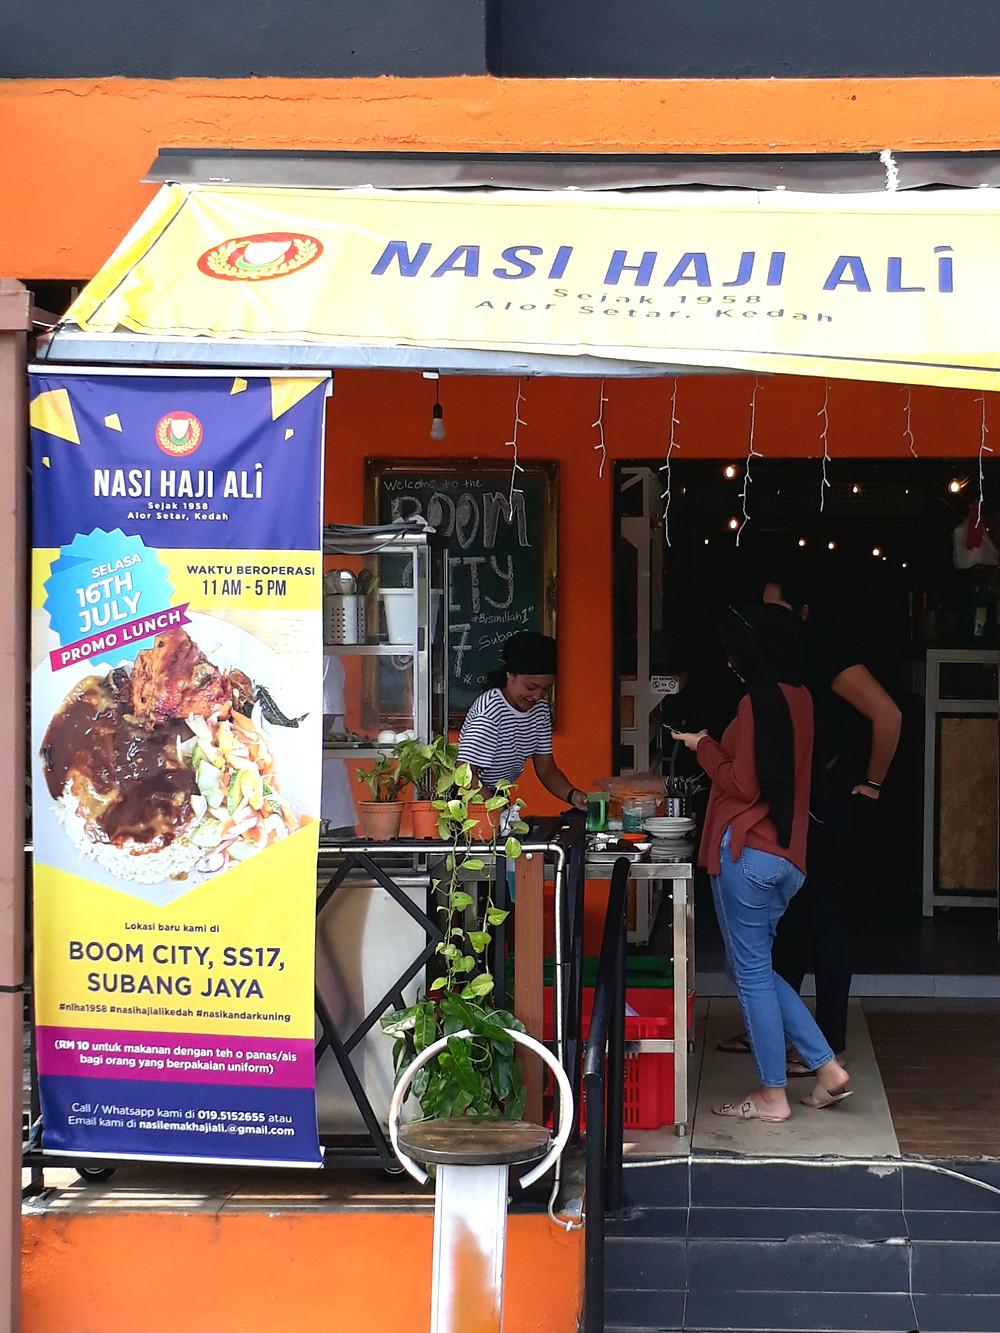 e-Caroline.com | Nasi Haji Ali at SS17 Subang Jaya